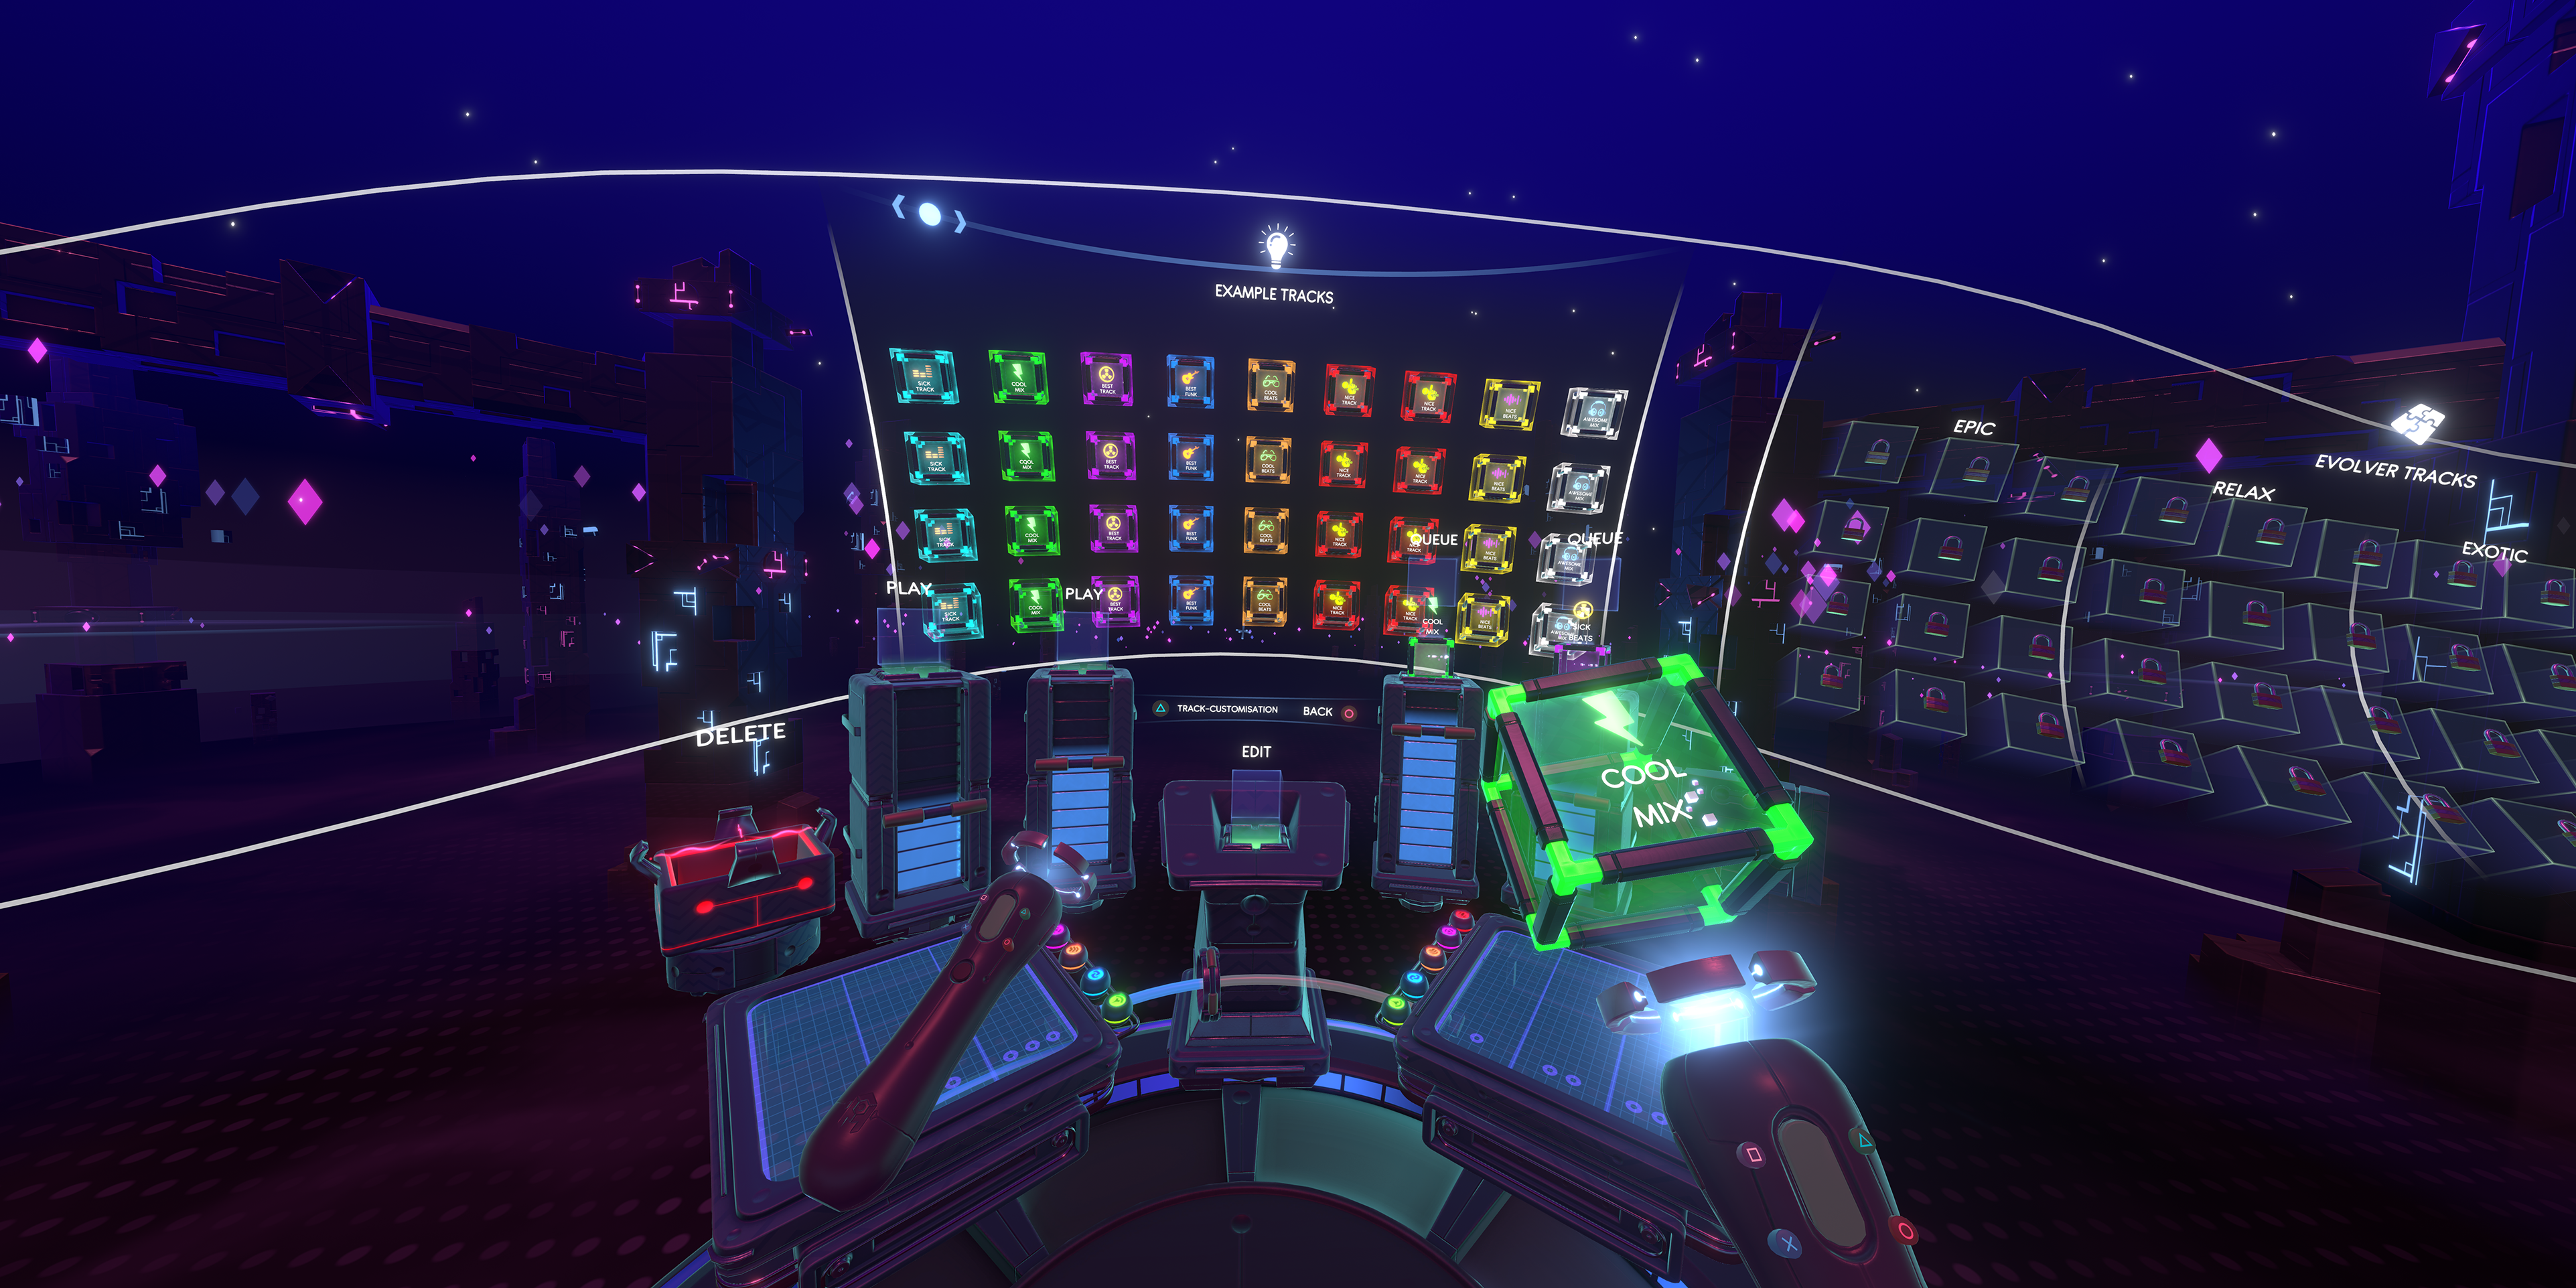 29256405137 c2766d4720 o - Erstellt euren eigenen Beat in der virtuellen Realität mit Track Lab – ab heute für PS VR erhältlich